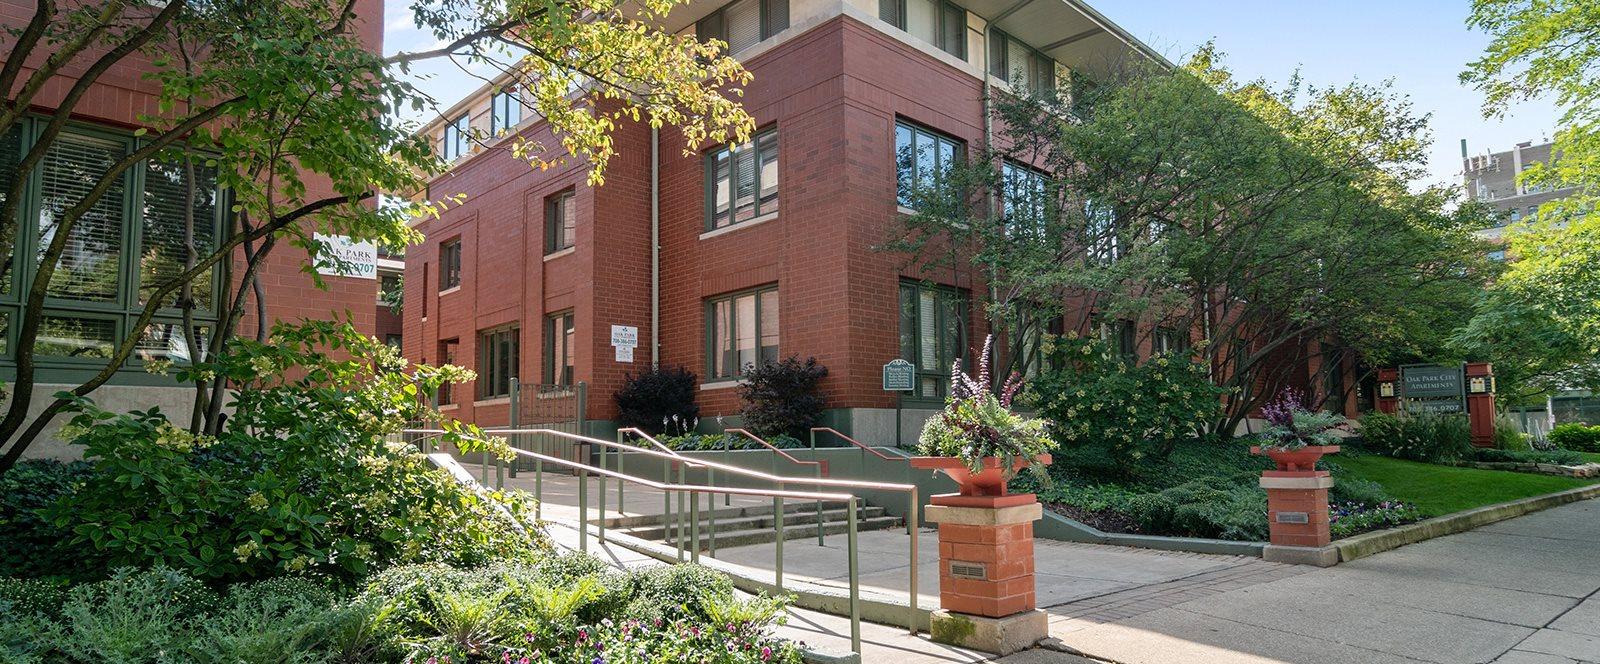 Oak Park City Apartment Building